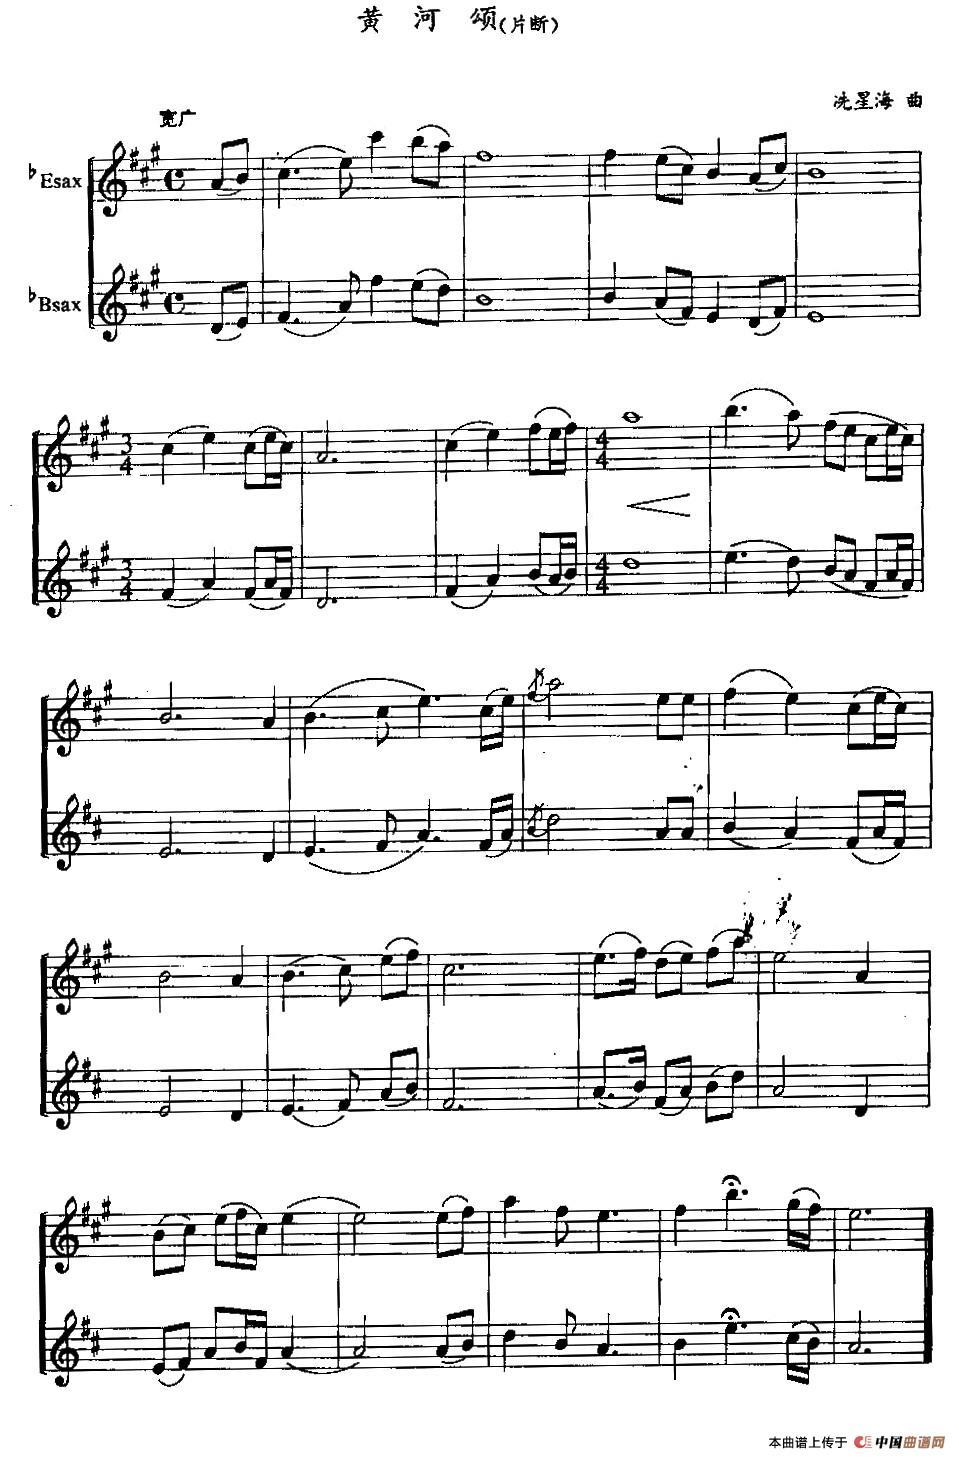 黄河颂(片段,二重奏)_萨克斯谱_搜谱网